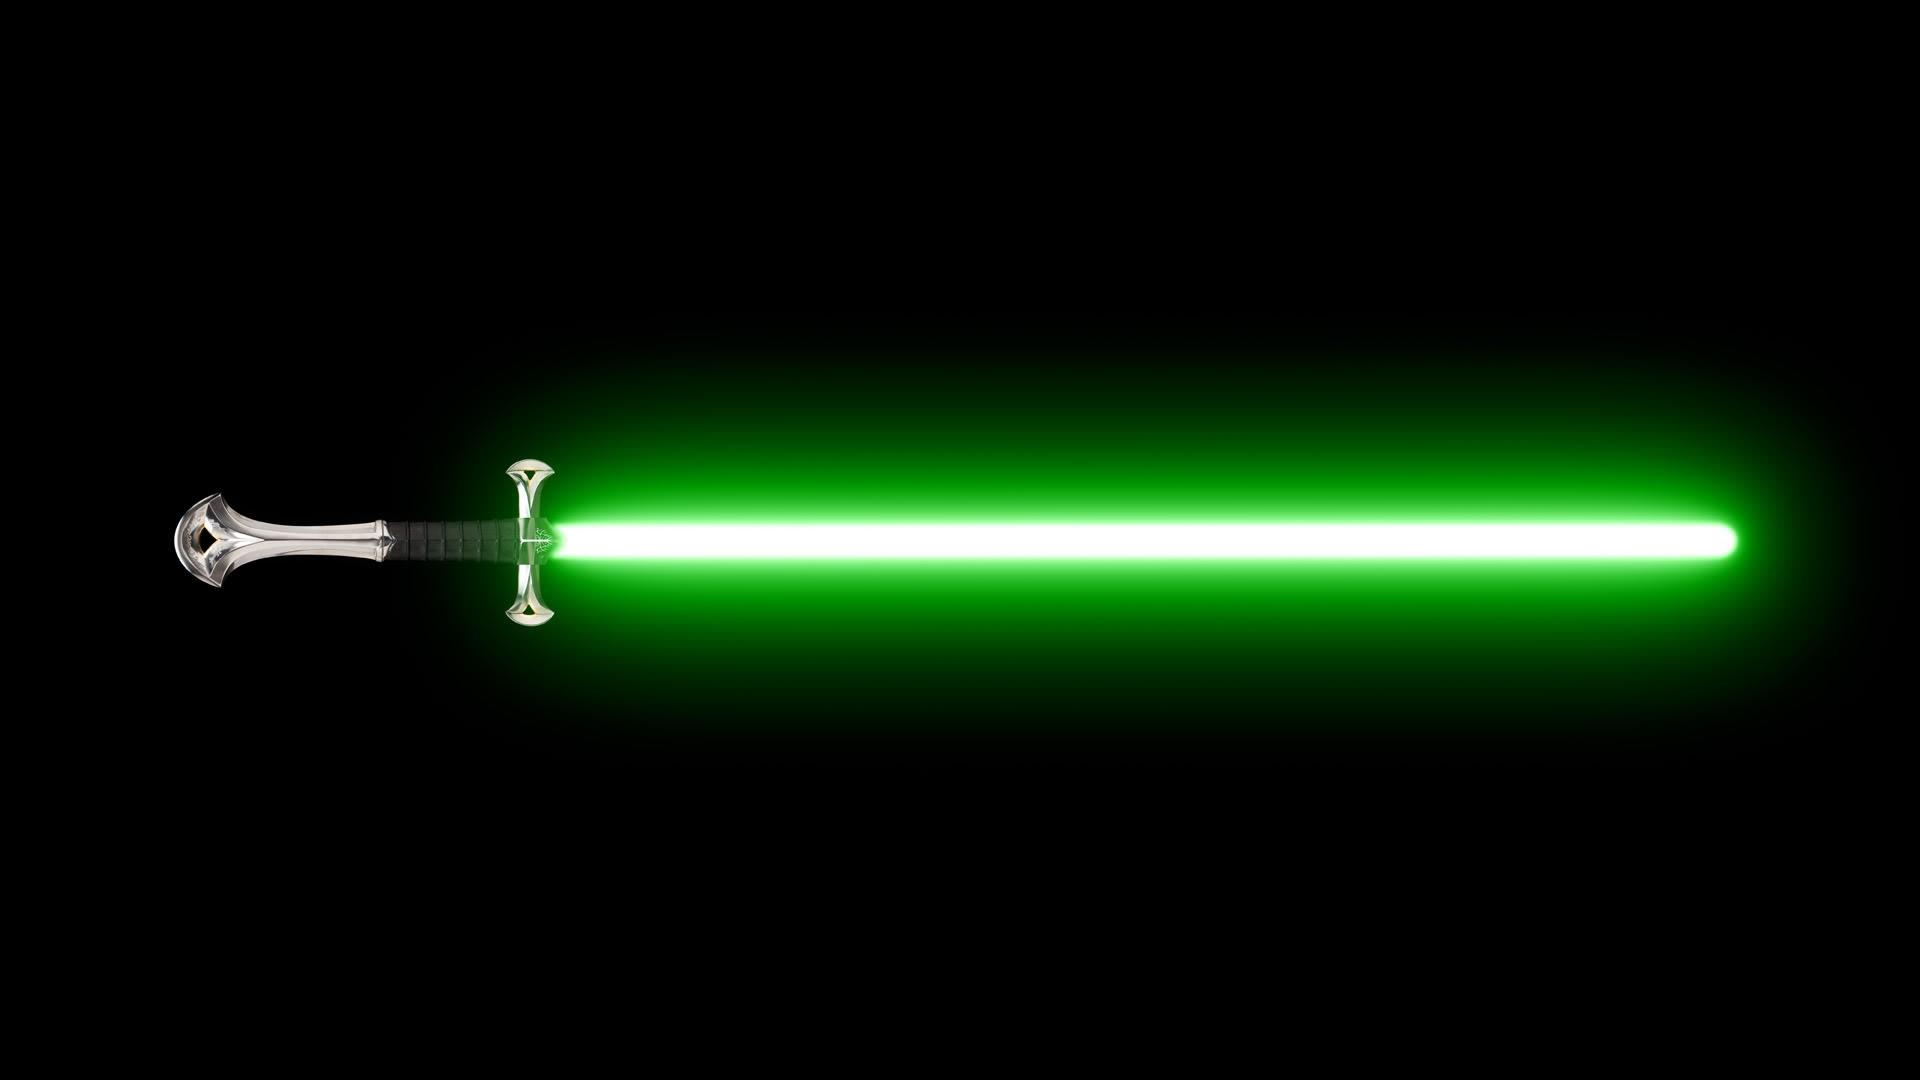 Green Lightsaber HD Wallpaper 48KB 1920x1080